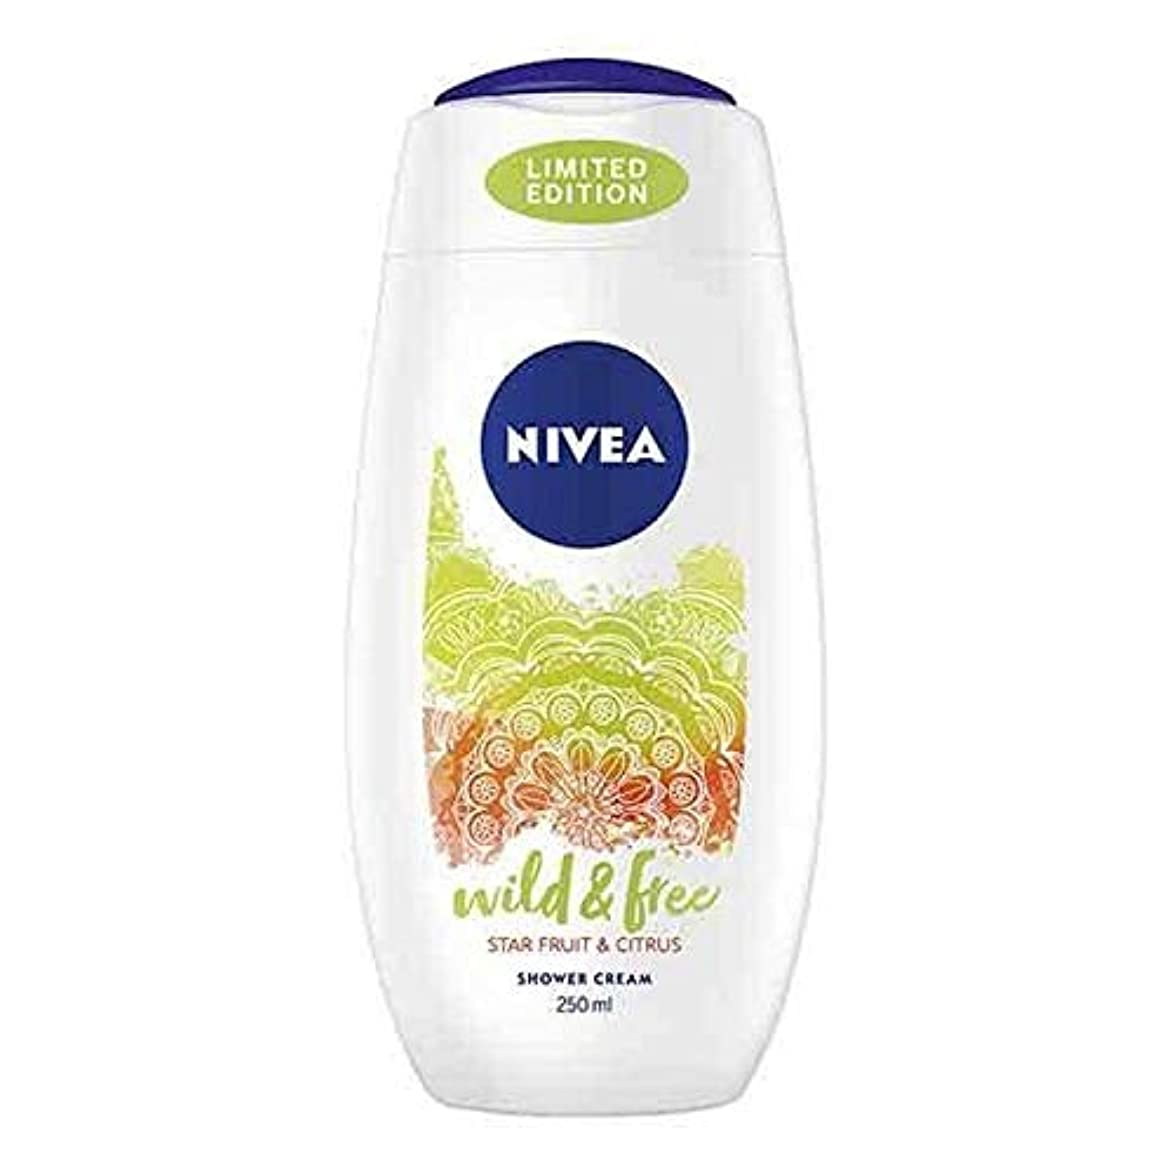 クスコ浸透するニュージーランド[Nivea ] ニベアシャワーワイルド&無料シトラス250ミリリットル - NIVEA Shower Wild & Free Citrus 250ml [並行輸入品]